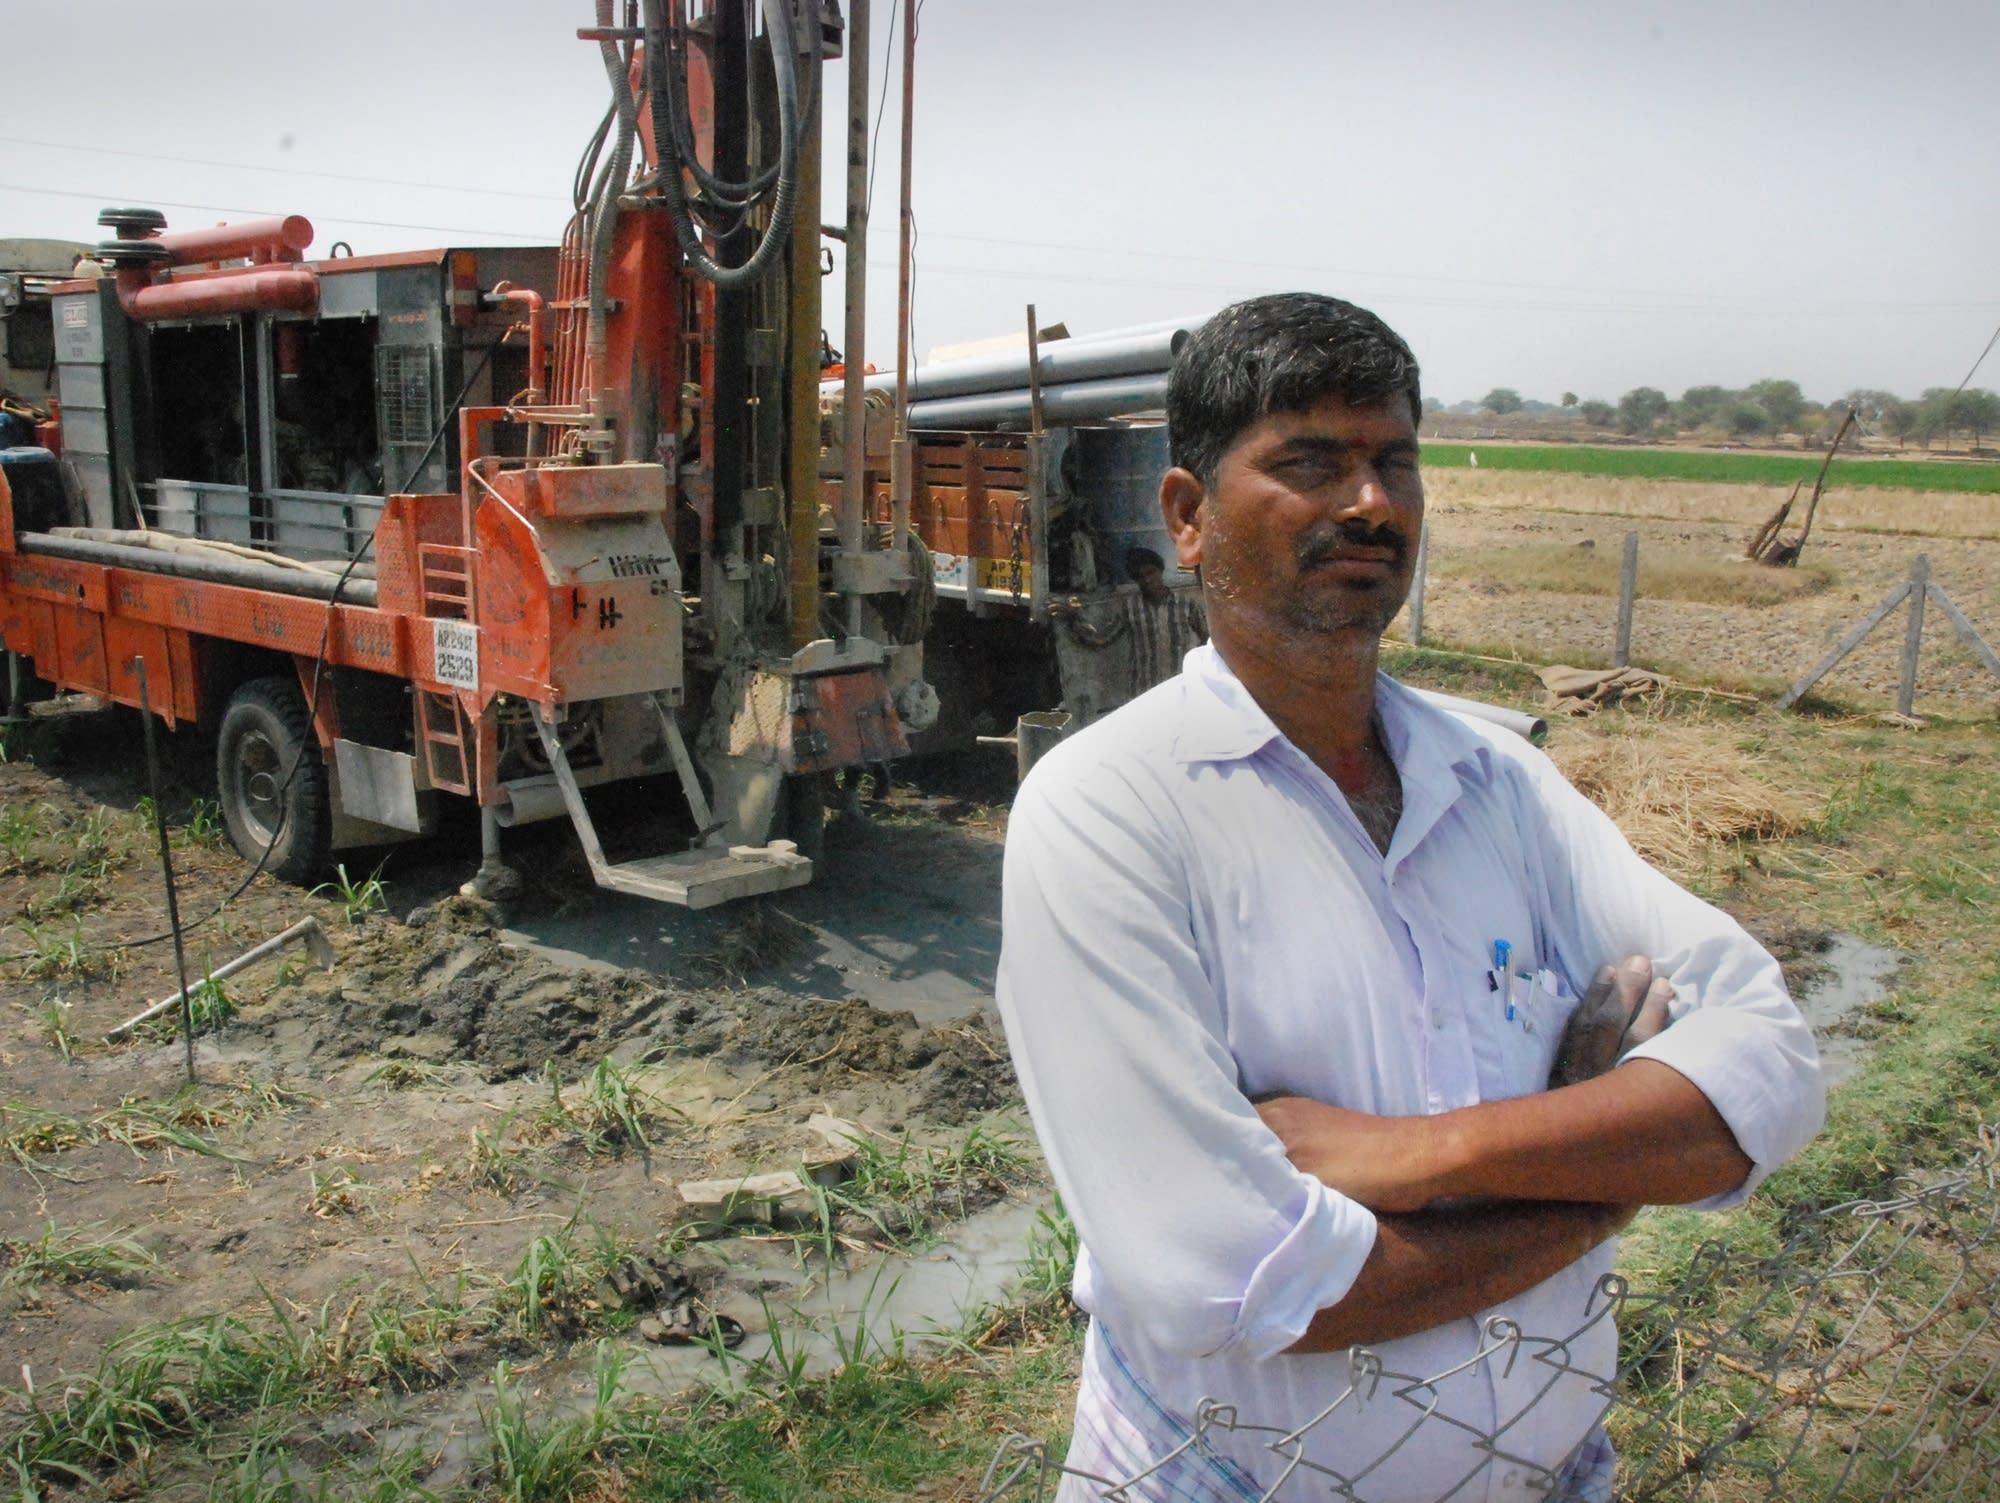 Farmer Chirangi Malla Reddy